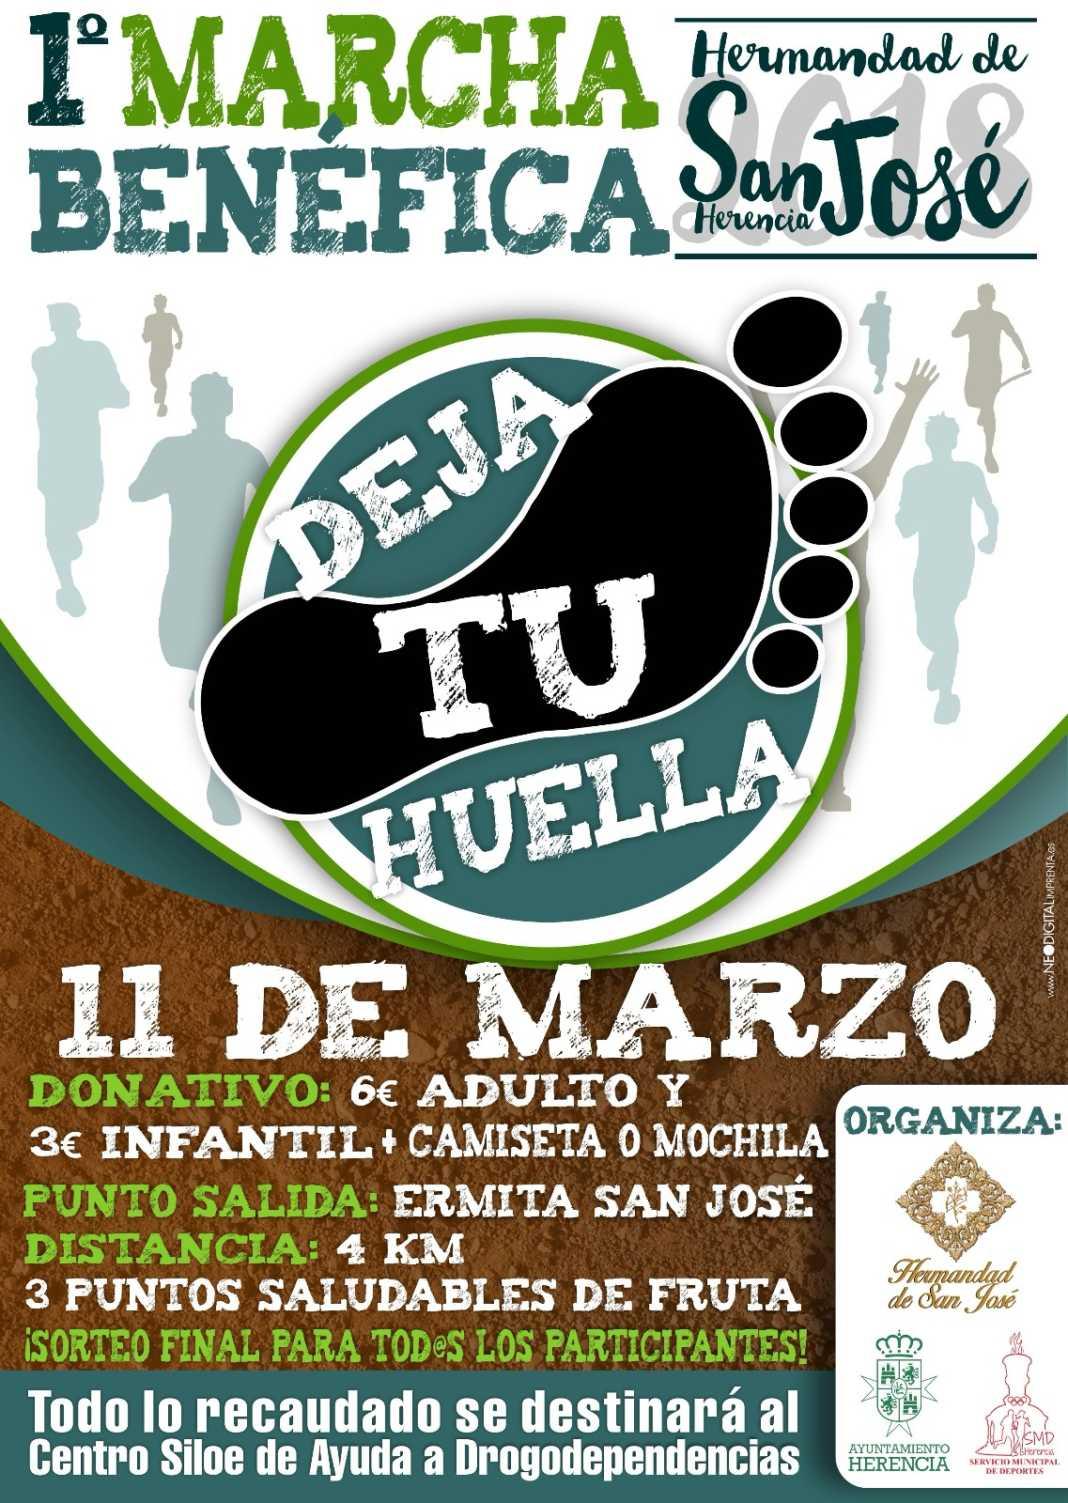 """marcha benefica san jose herencia 1068x1503 - I Marcha Benéfica """"Deja tu Huella"""" de San José en Herencia"""